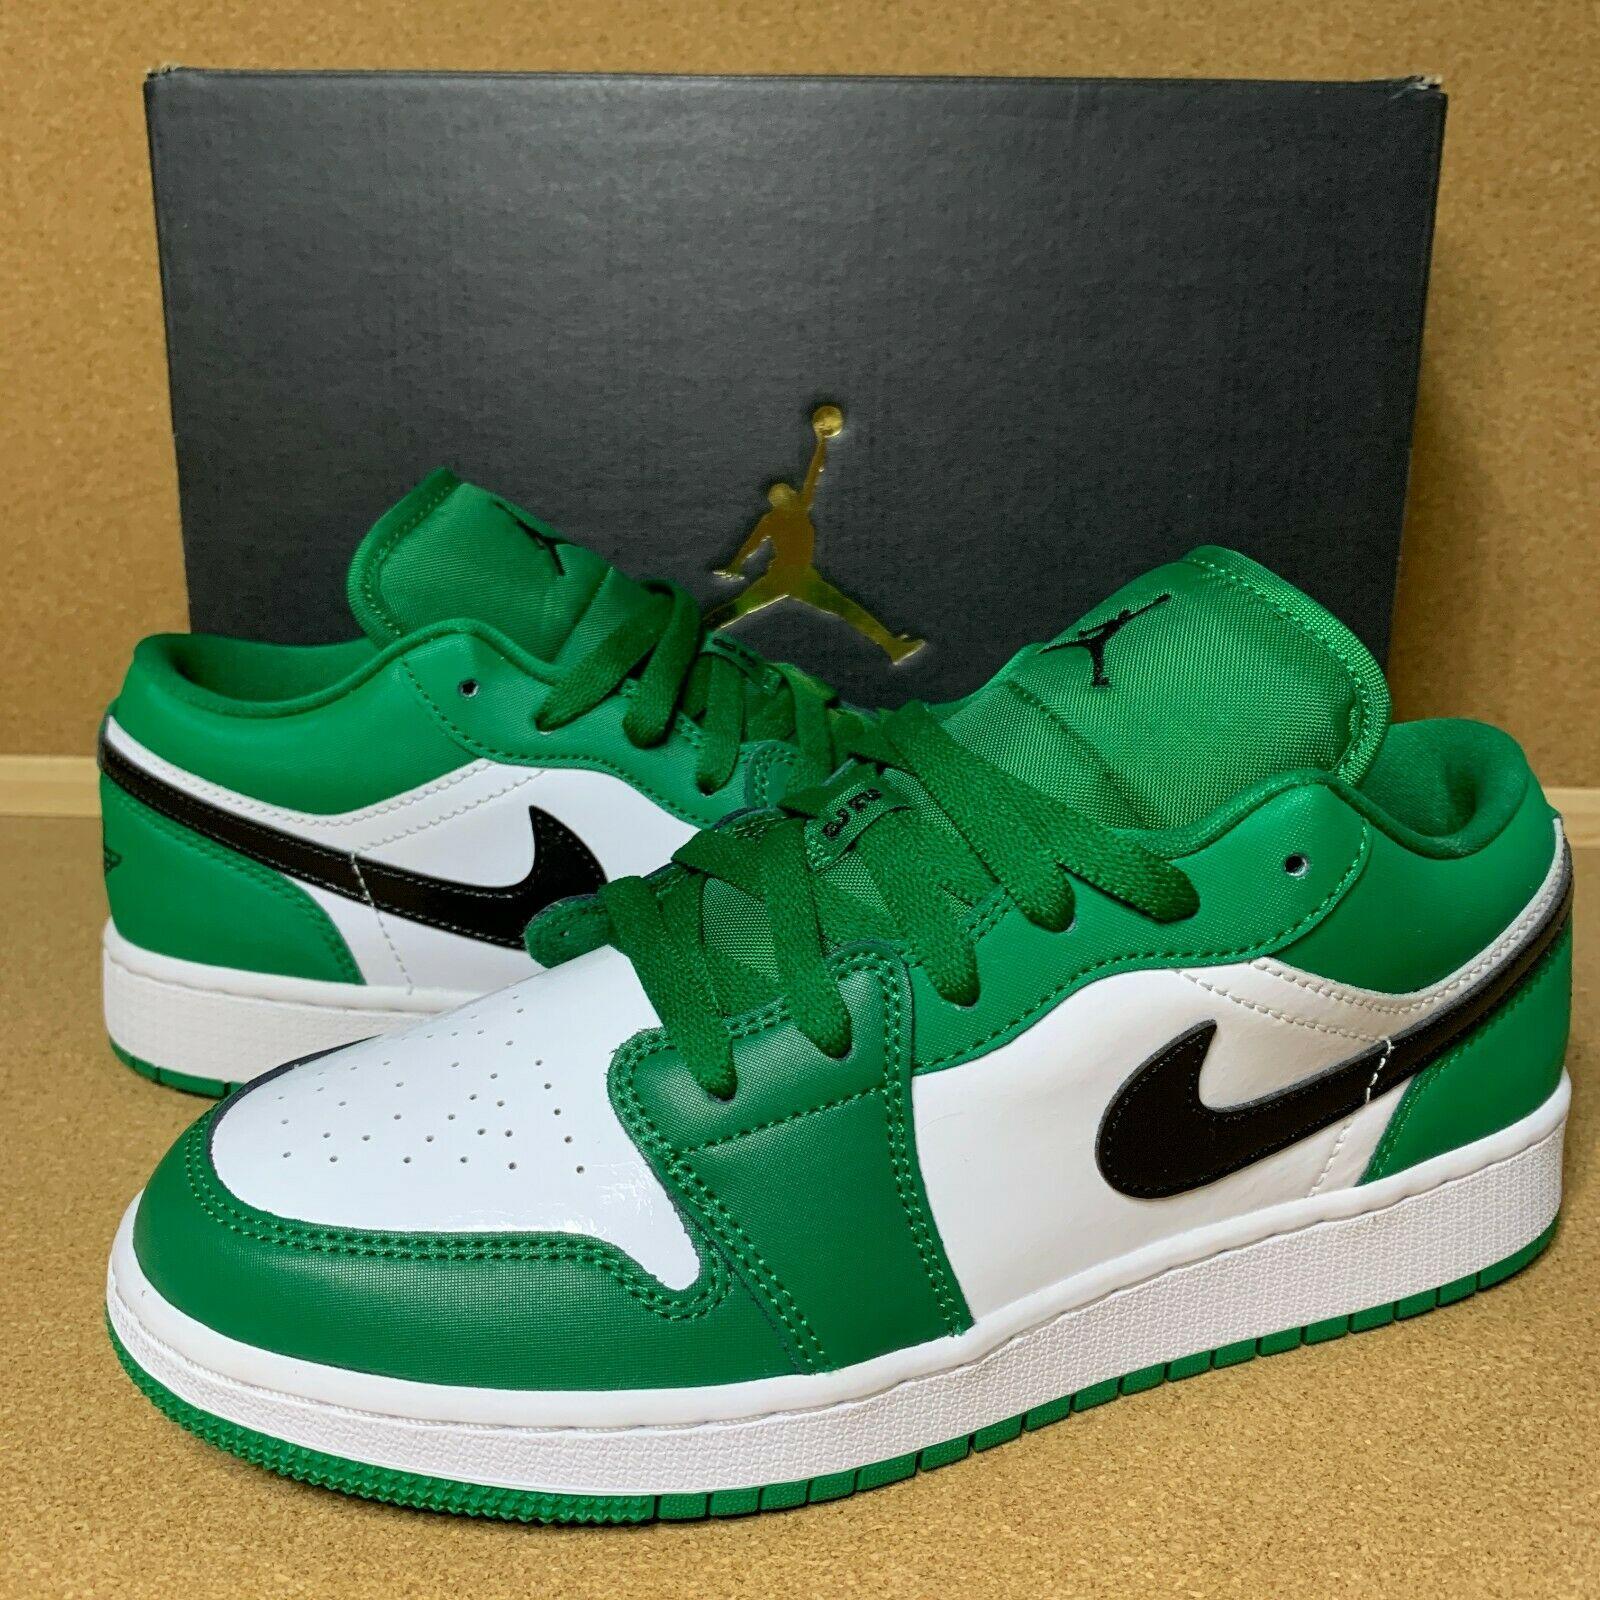 Jordan 1 Low Pine Green GS